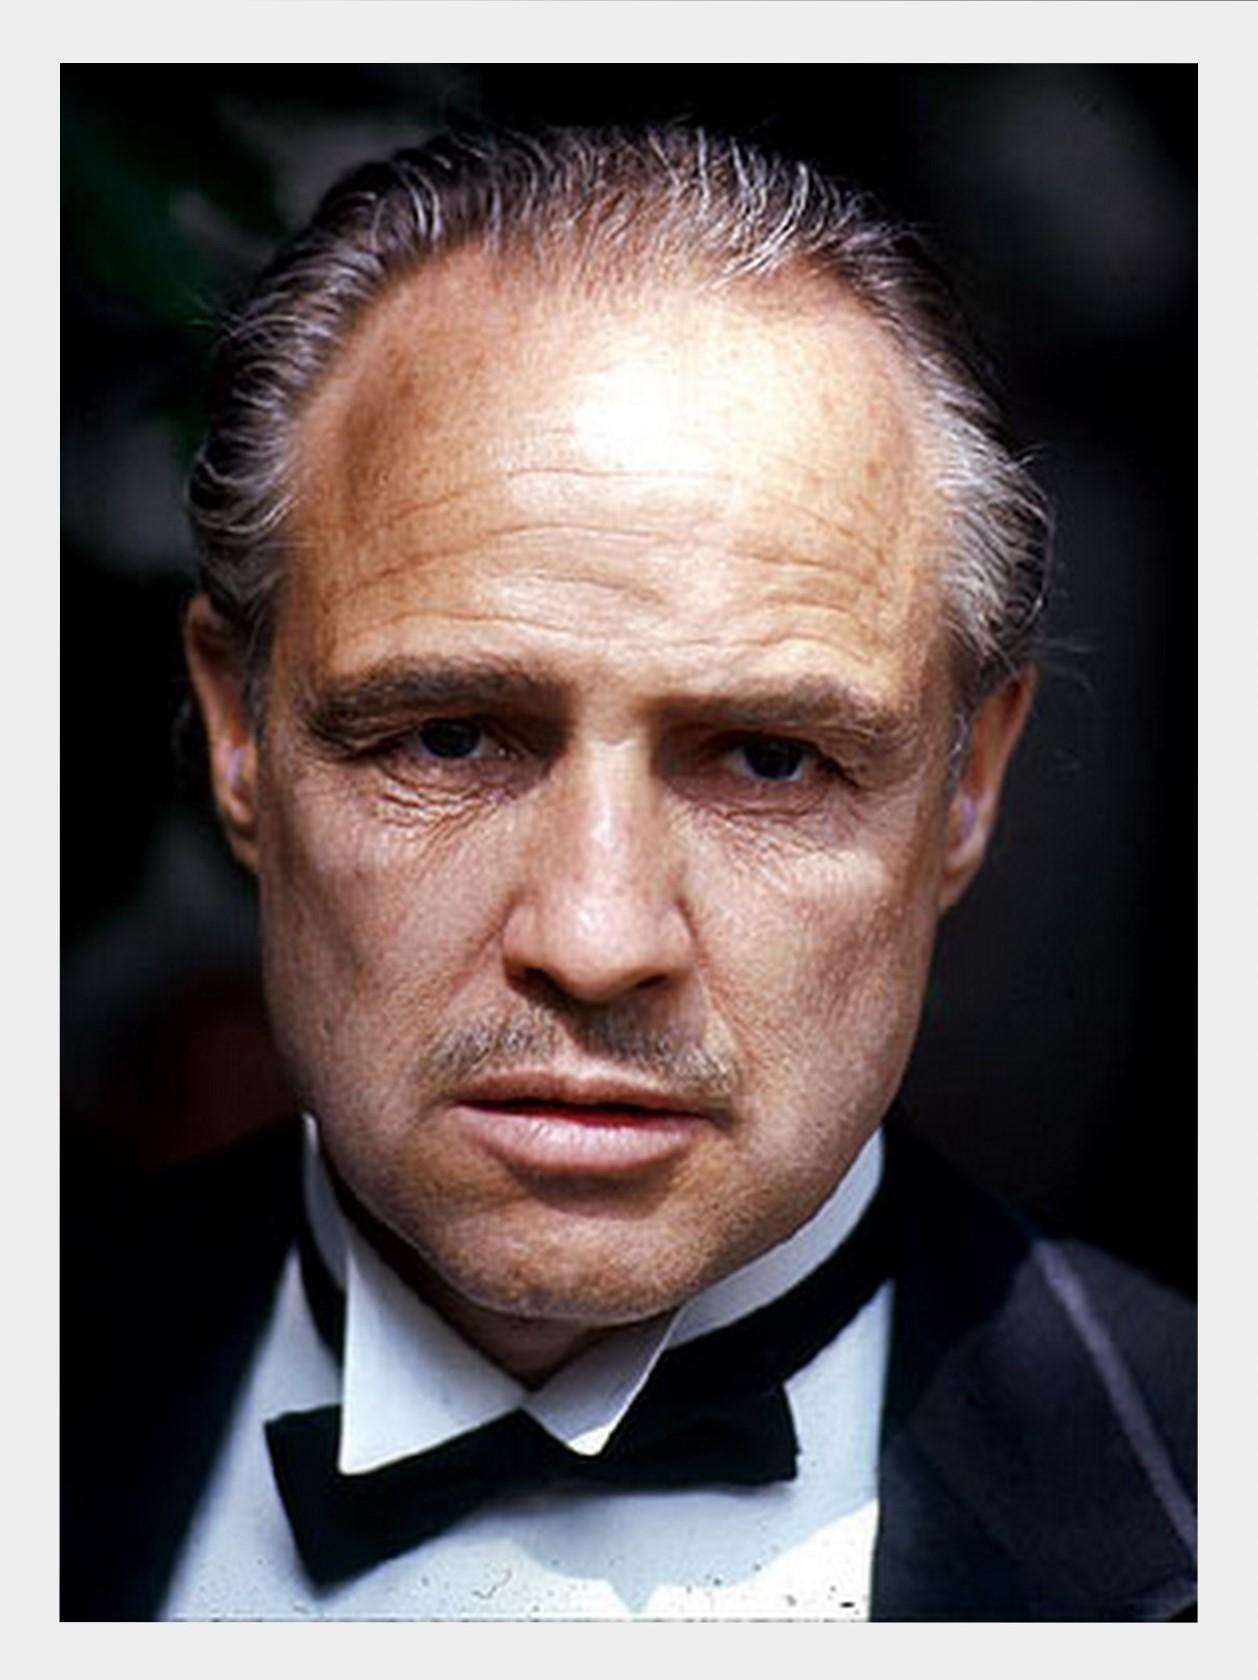 Marlon-Brando-23